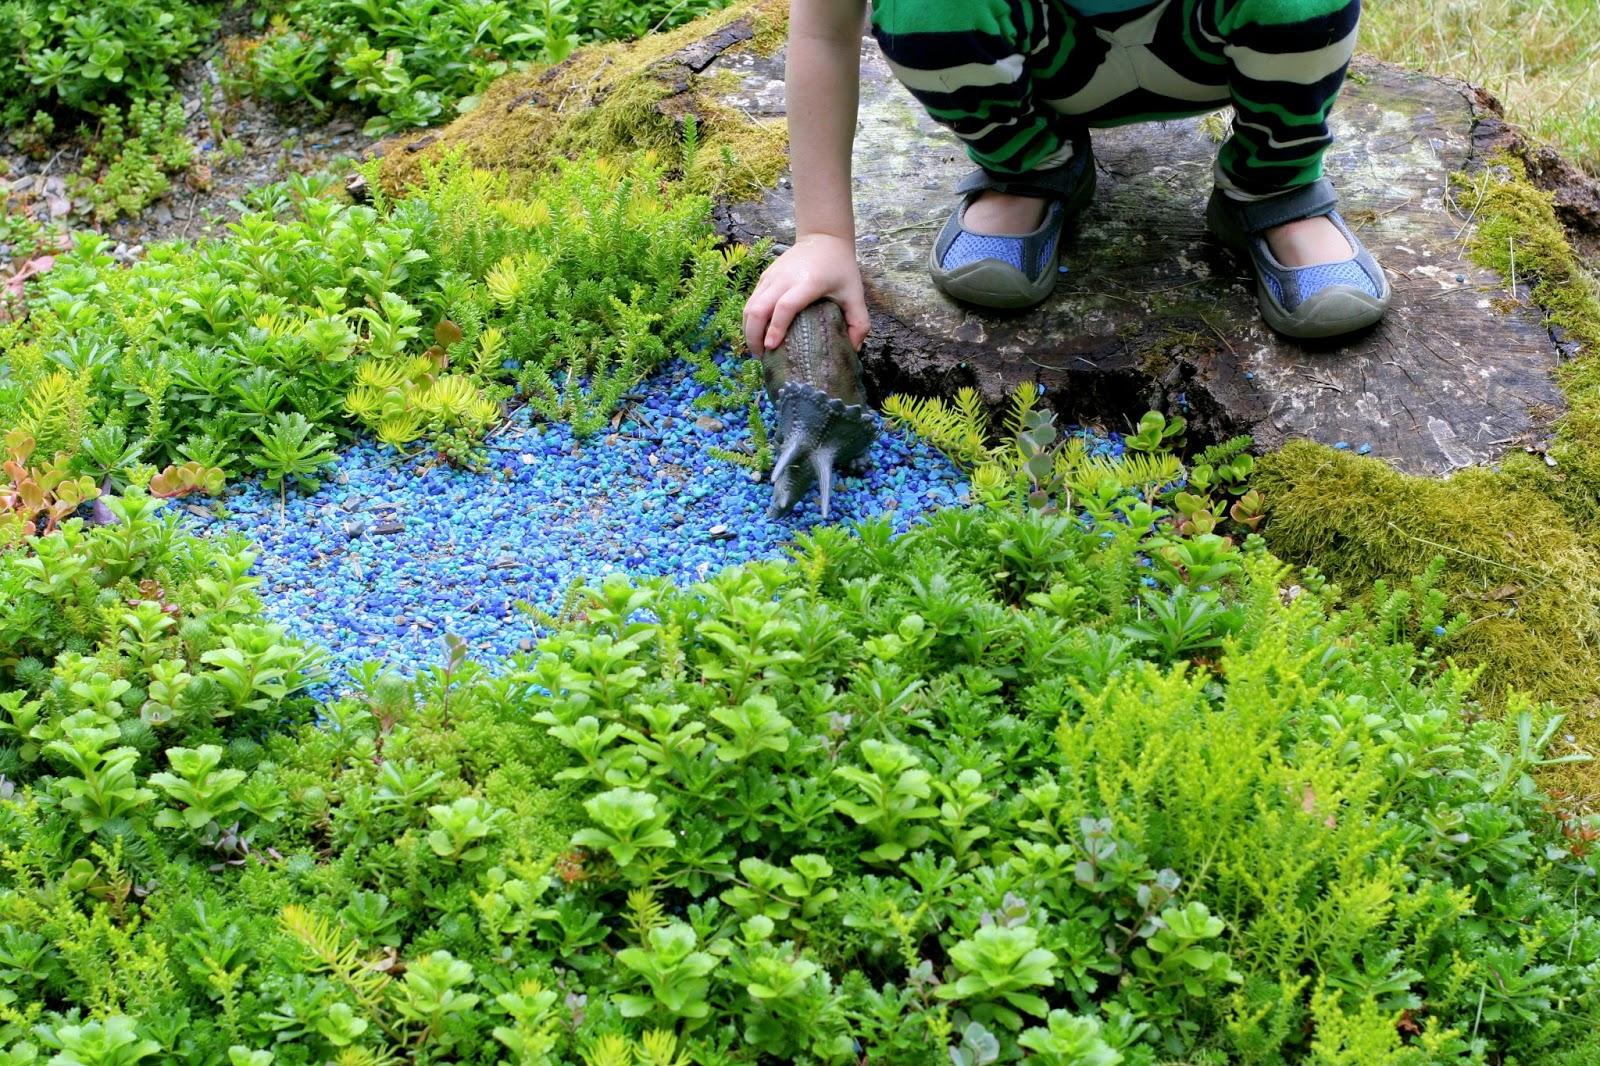 Not a Fairy Garden - a Dinosaur Garden!